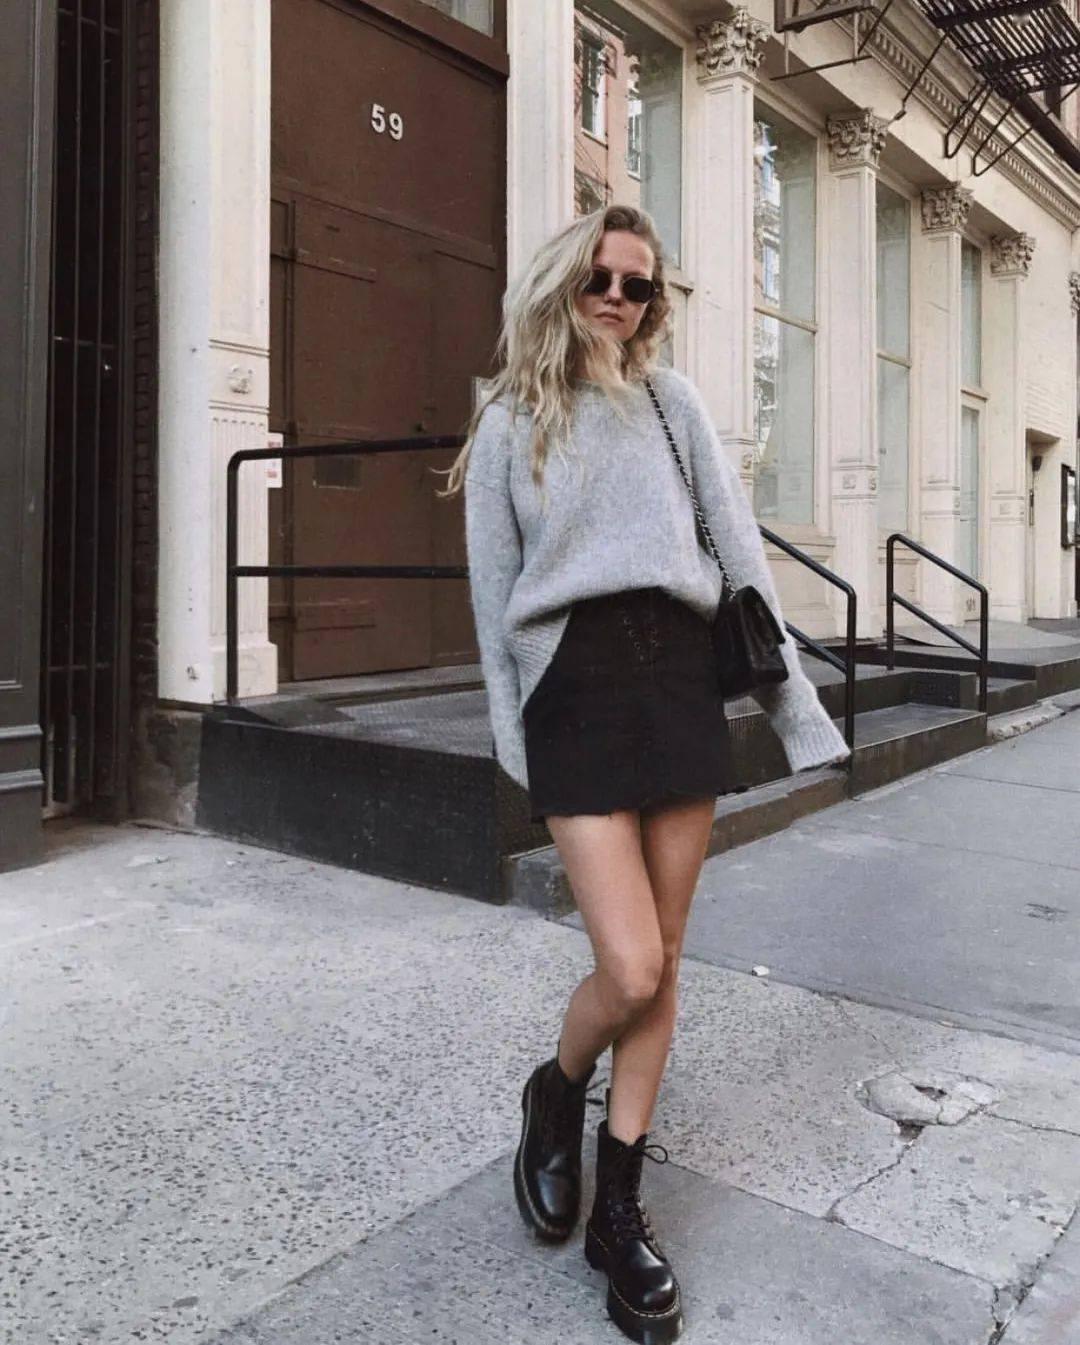 马丁靴+裙子,马丁靴+工装裤……又酷又撩,时髦炸了!     第65张